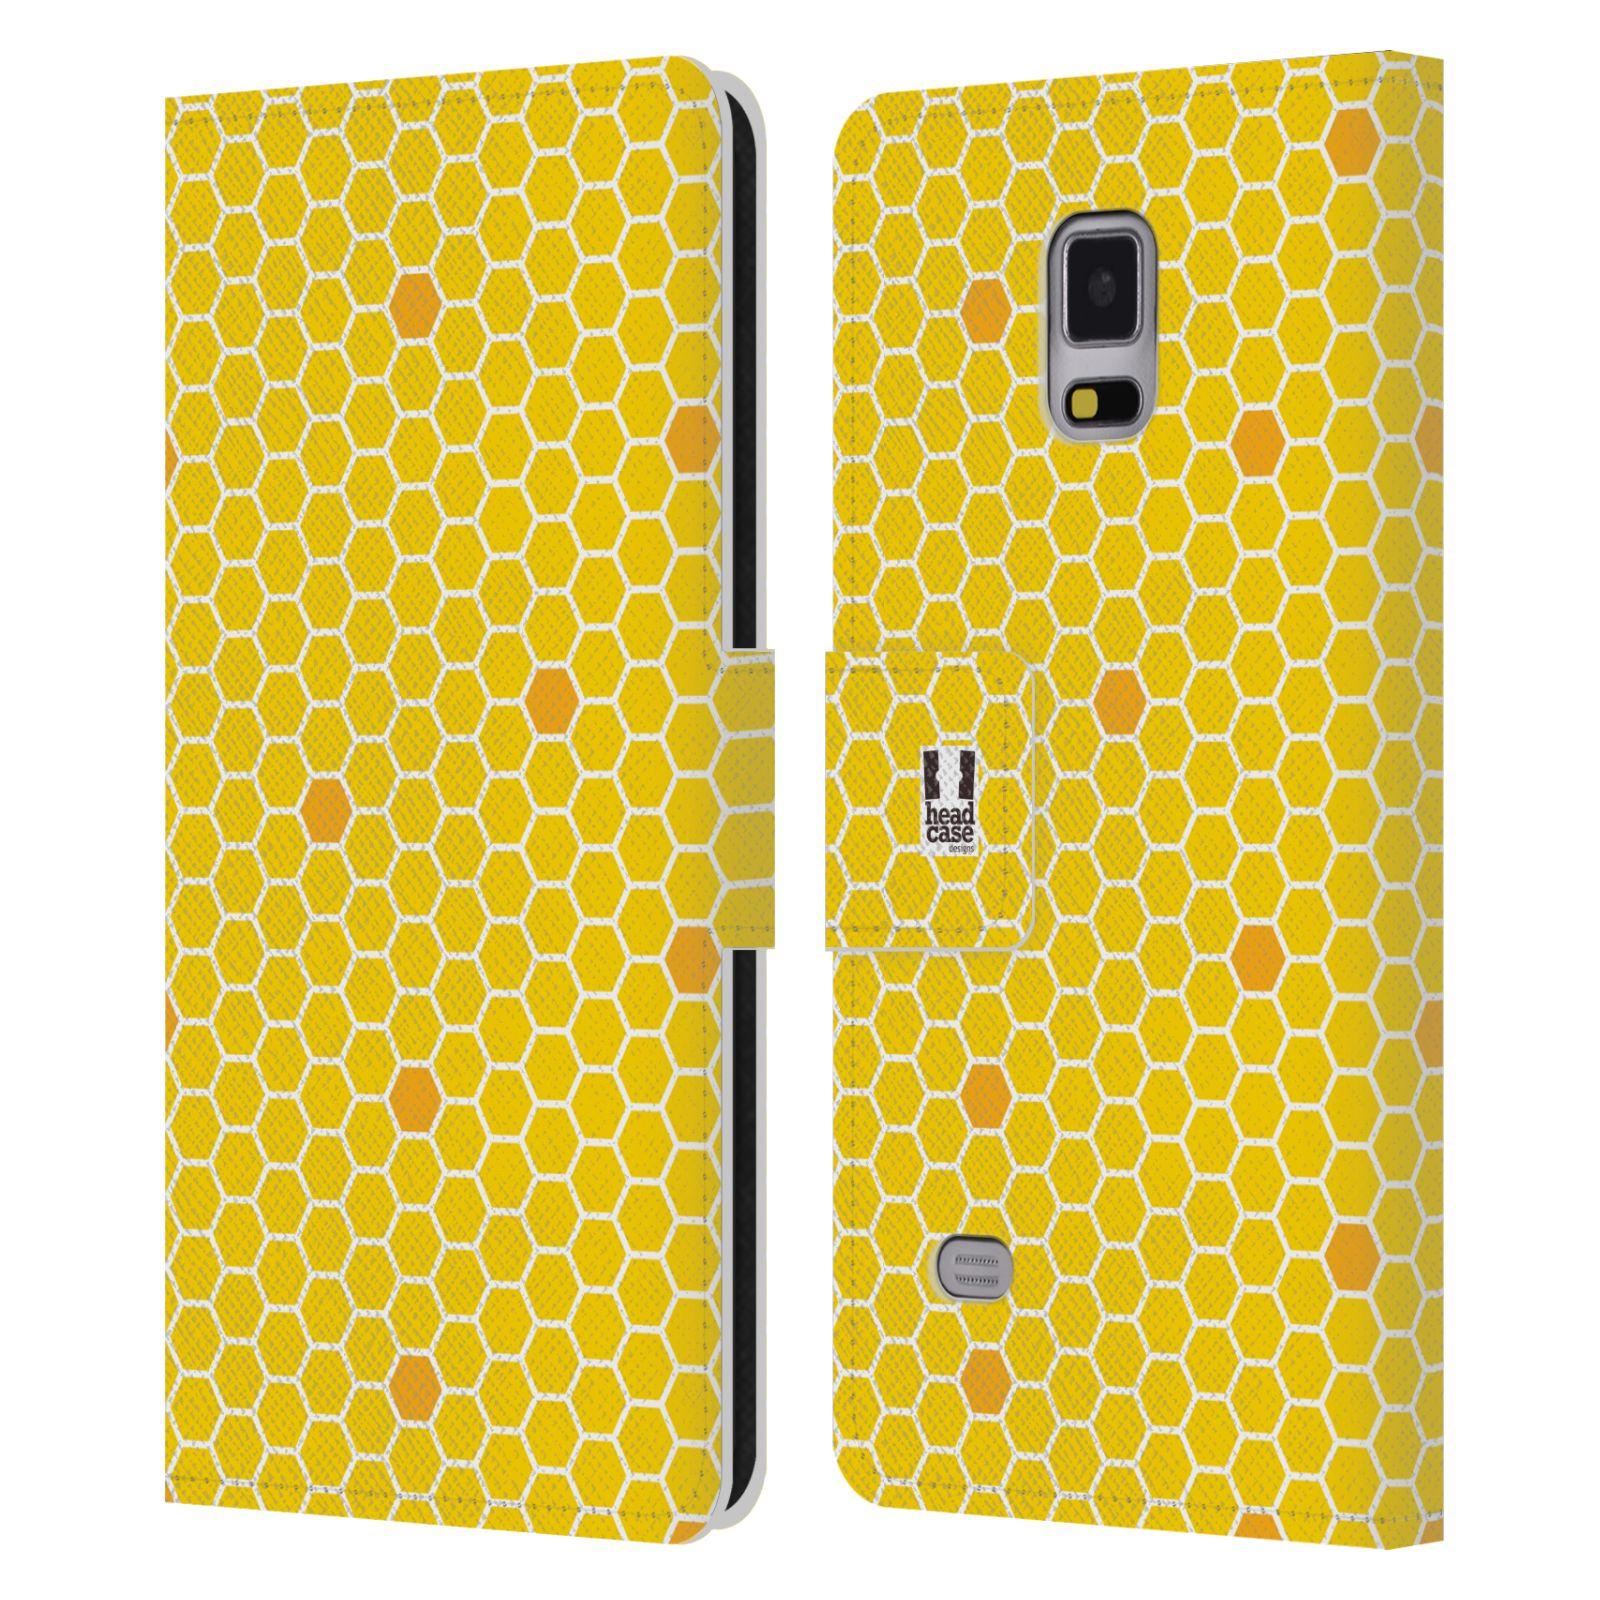 HEAD CASE Flipové pouzdro pro mobil Samsung Galaxy Note 4 VČELÍ VZOR plástev žlutá